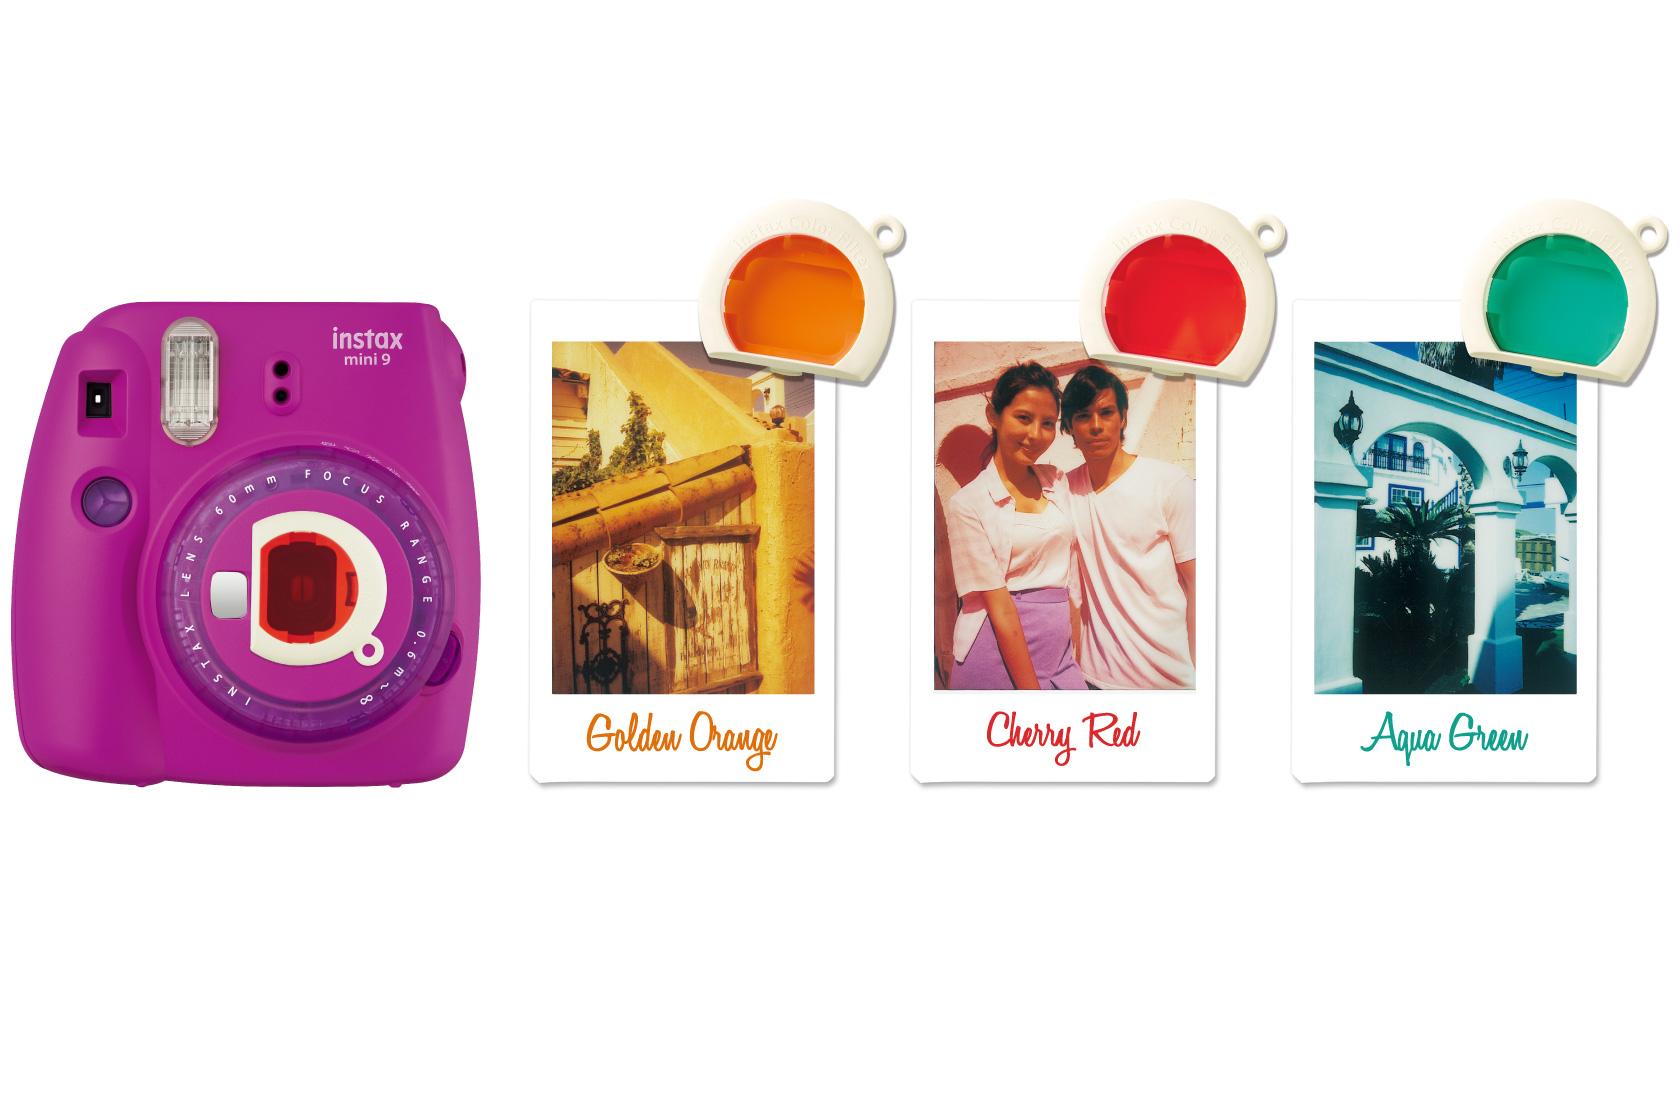 Câmera Mini 9 roxa e três fotos com filtros de cores diferentes